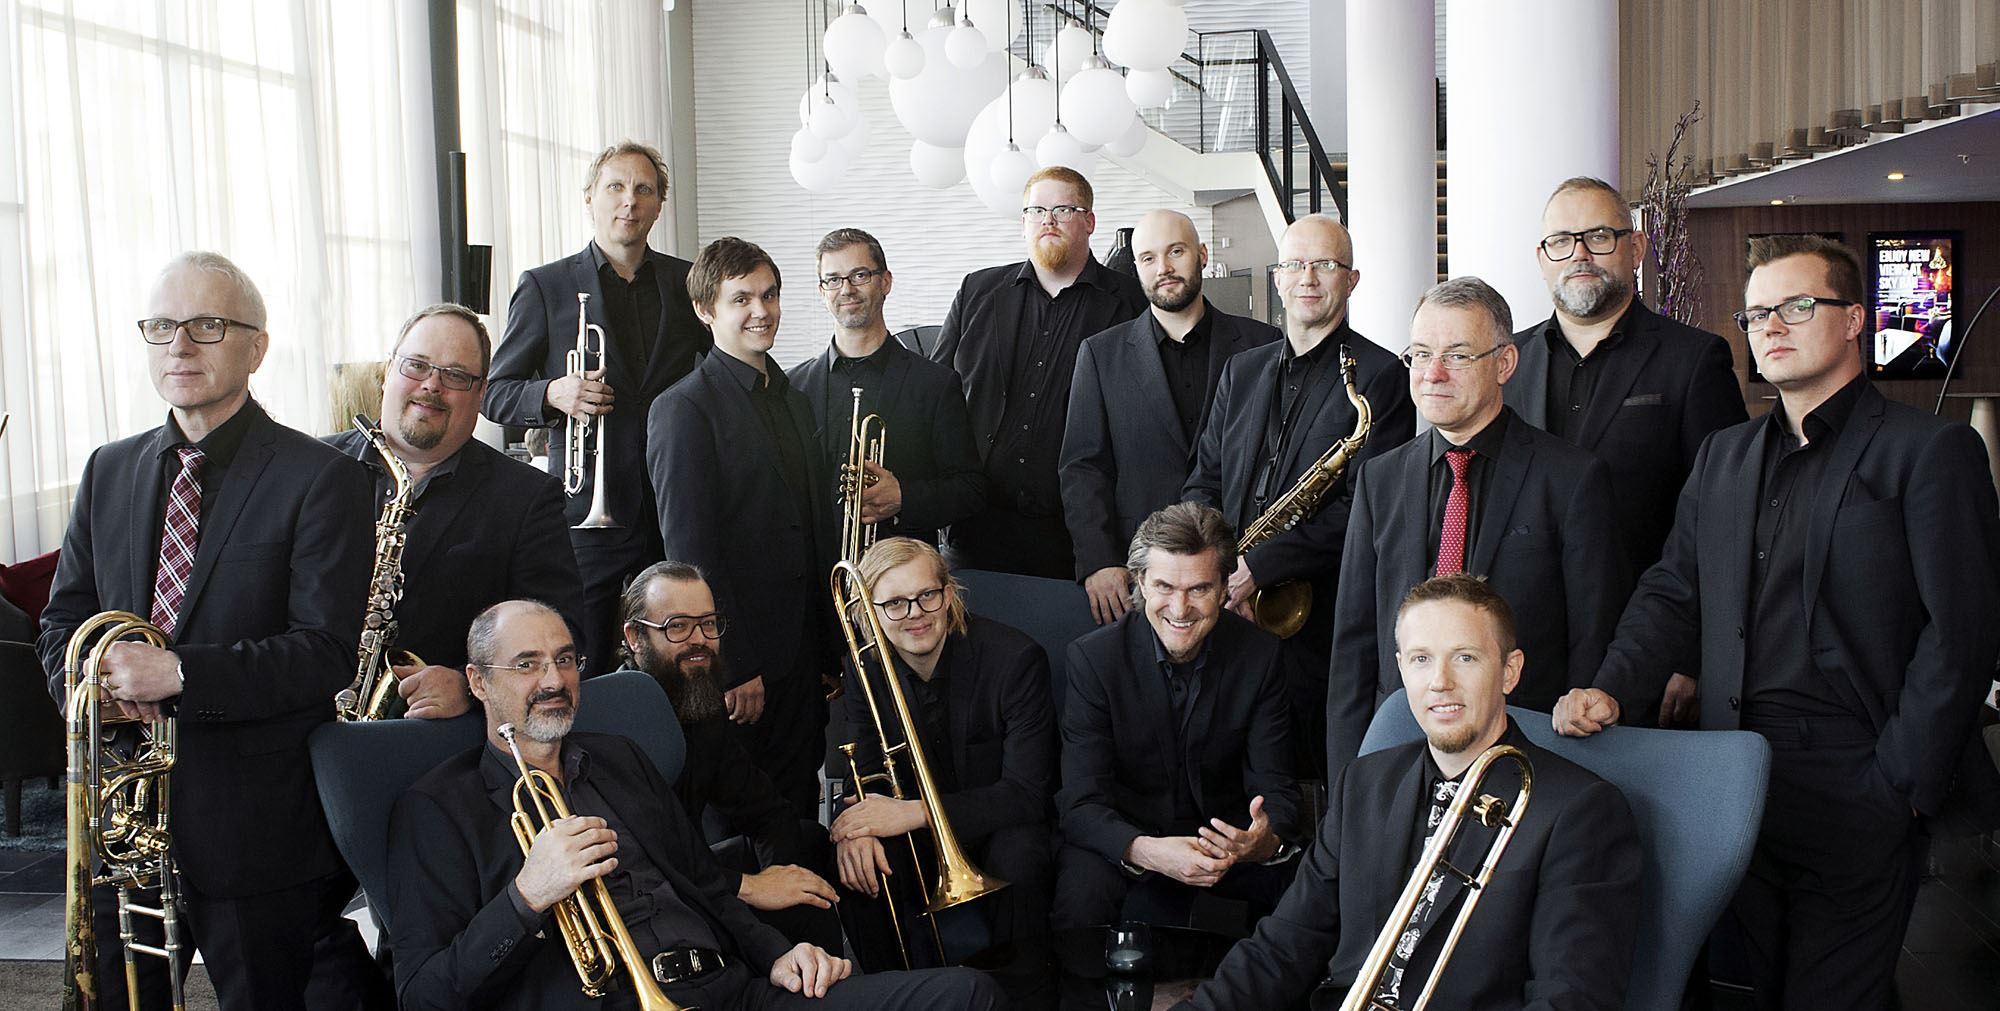 Emil och Pippi, Norrbotten Big Band med Sara Riedel - Jazz i Jemtland